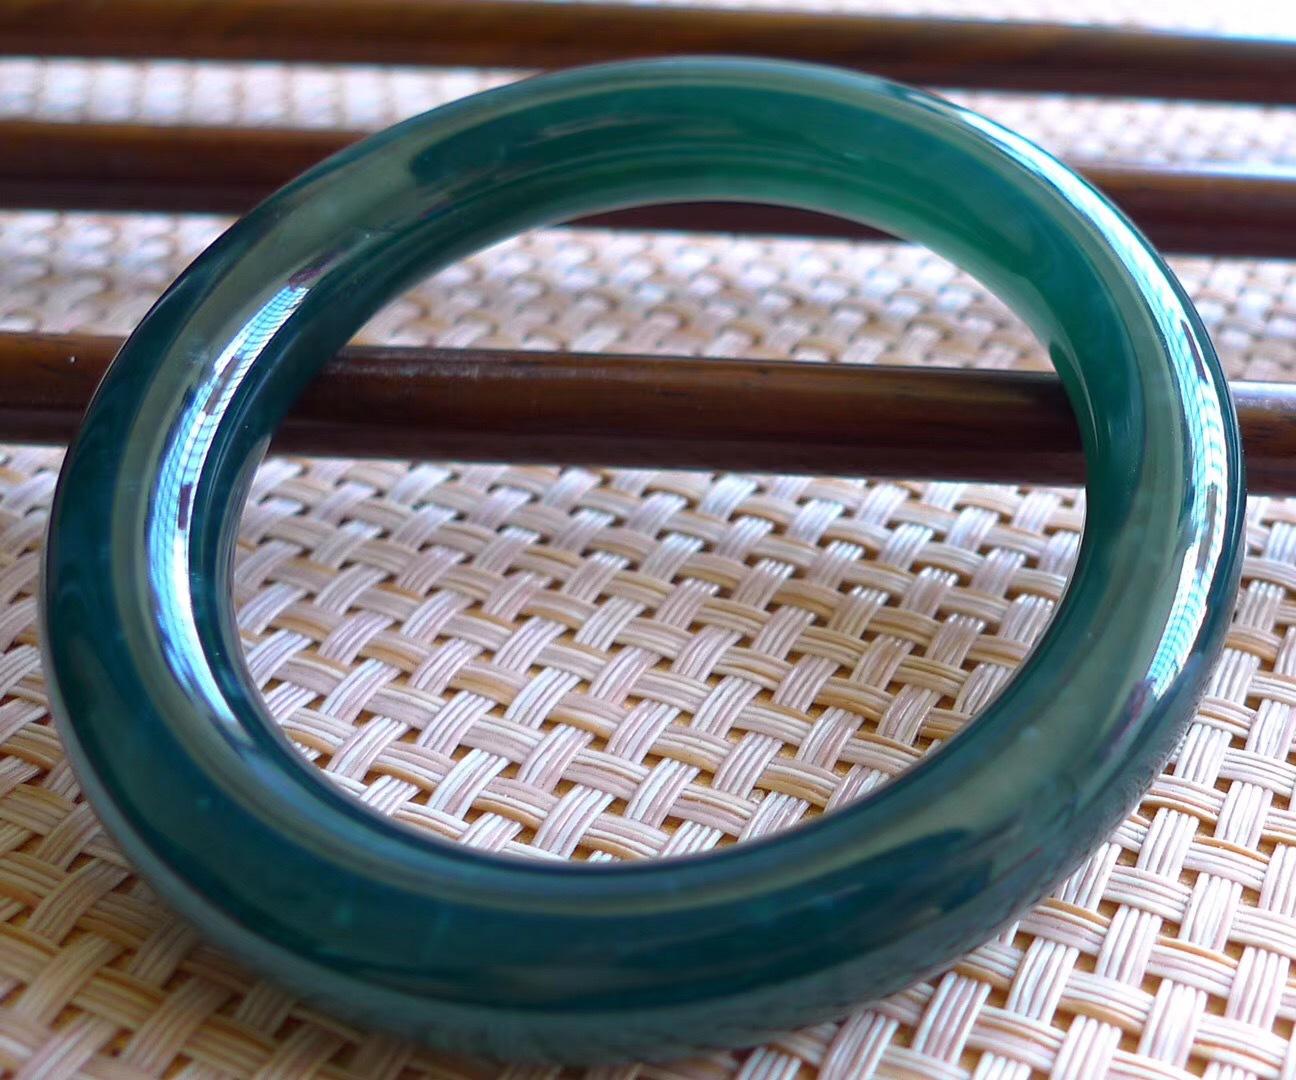 蓝水翡翠深色好还是浅色好蓝水翡翠手镯-第1张图片-翡翠网